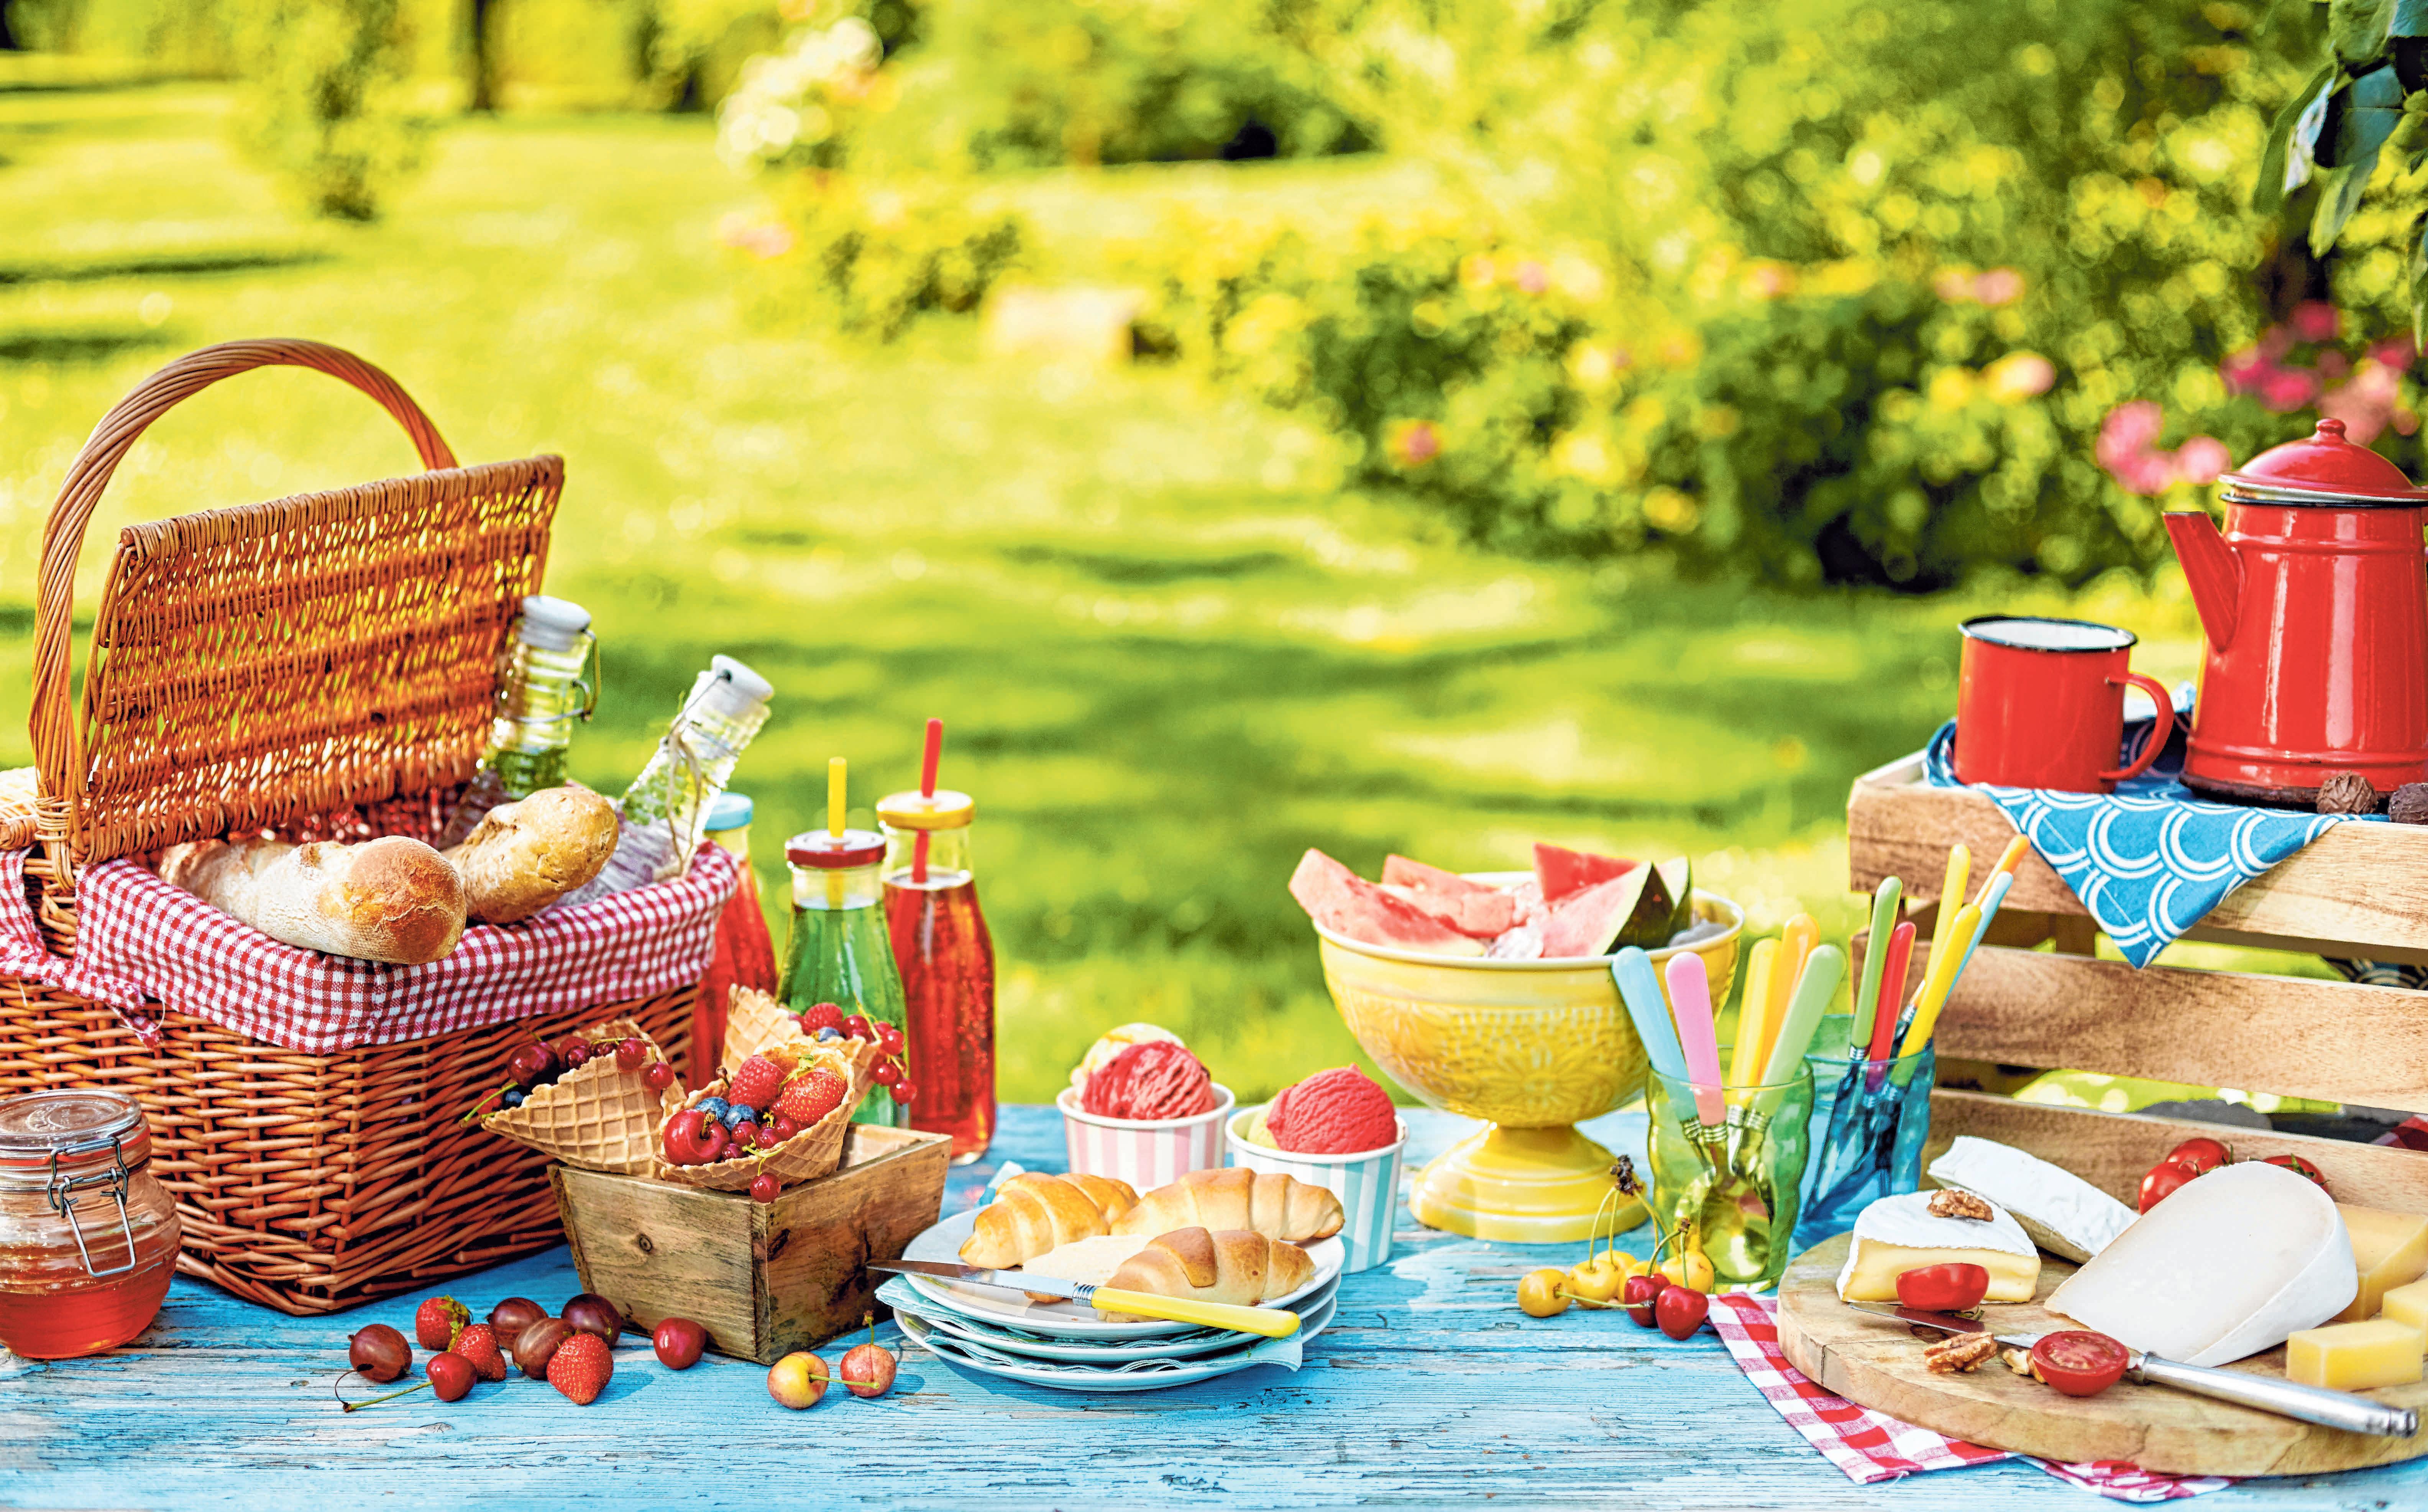 Für's Familien-Picknick lassen sich leckere Rezepte ausprobieren. FOTOS: COL/OH